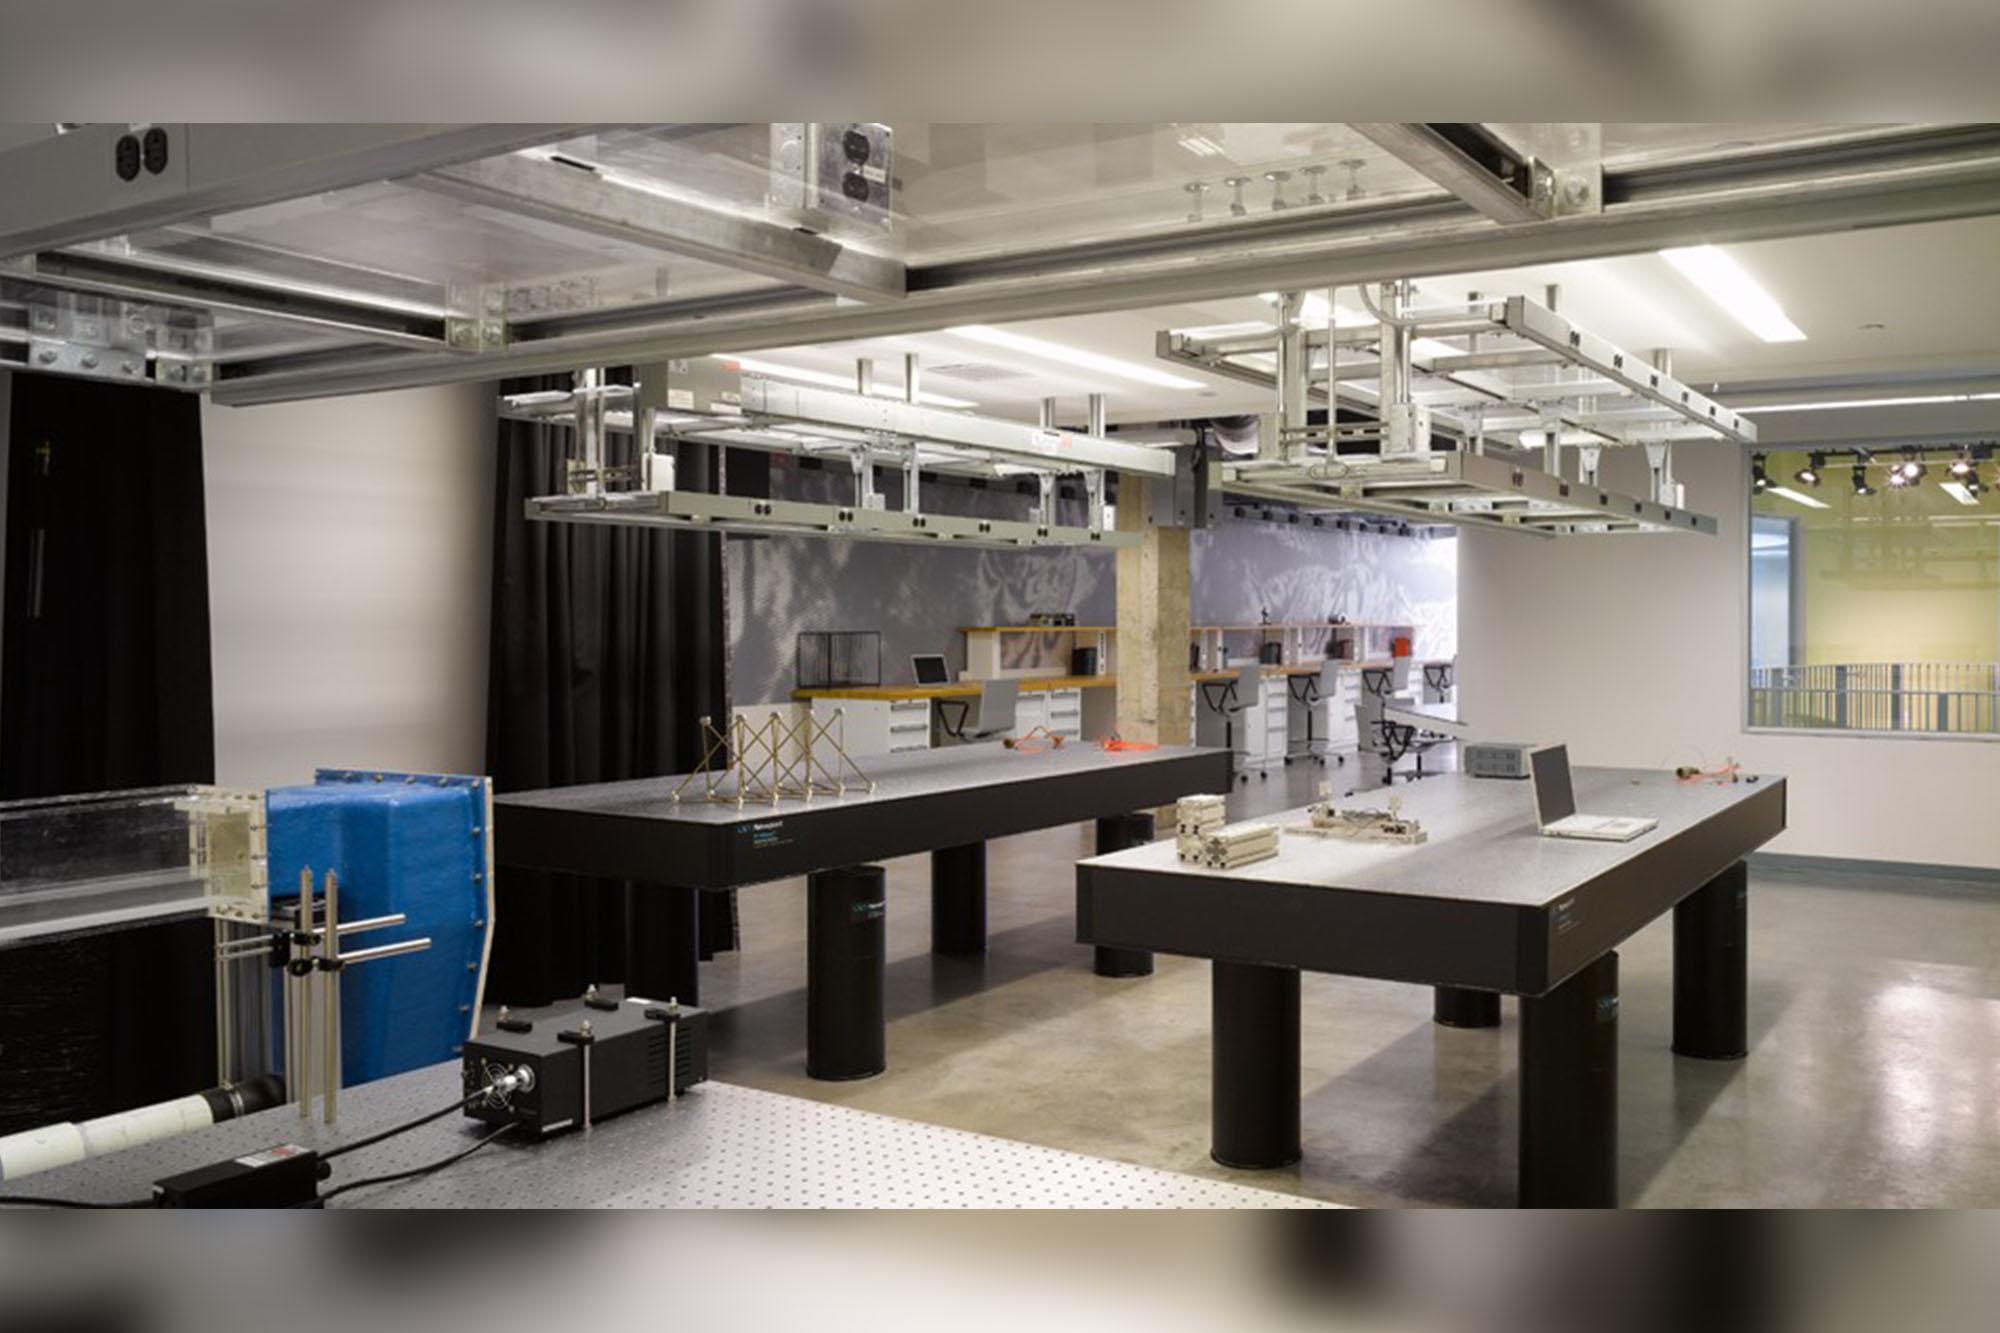 Caltech Guggenheim Renovation